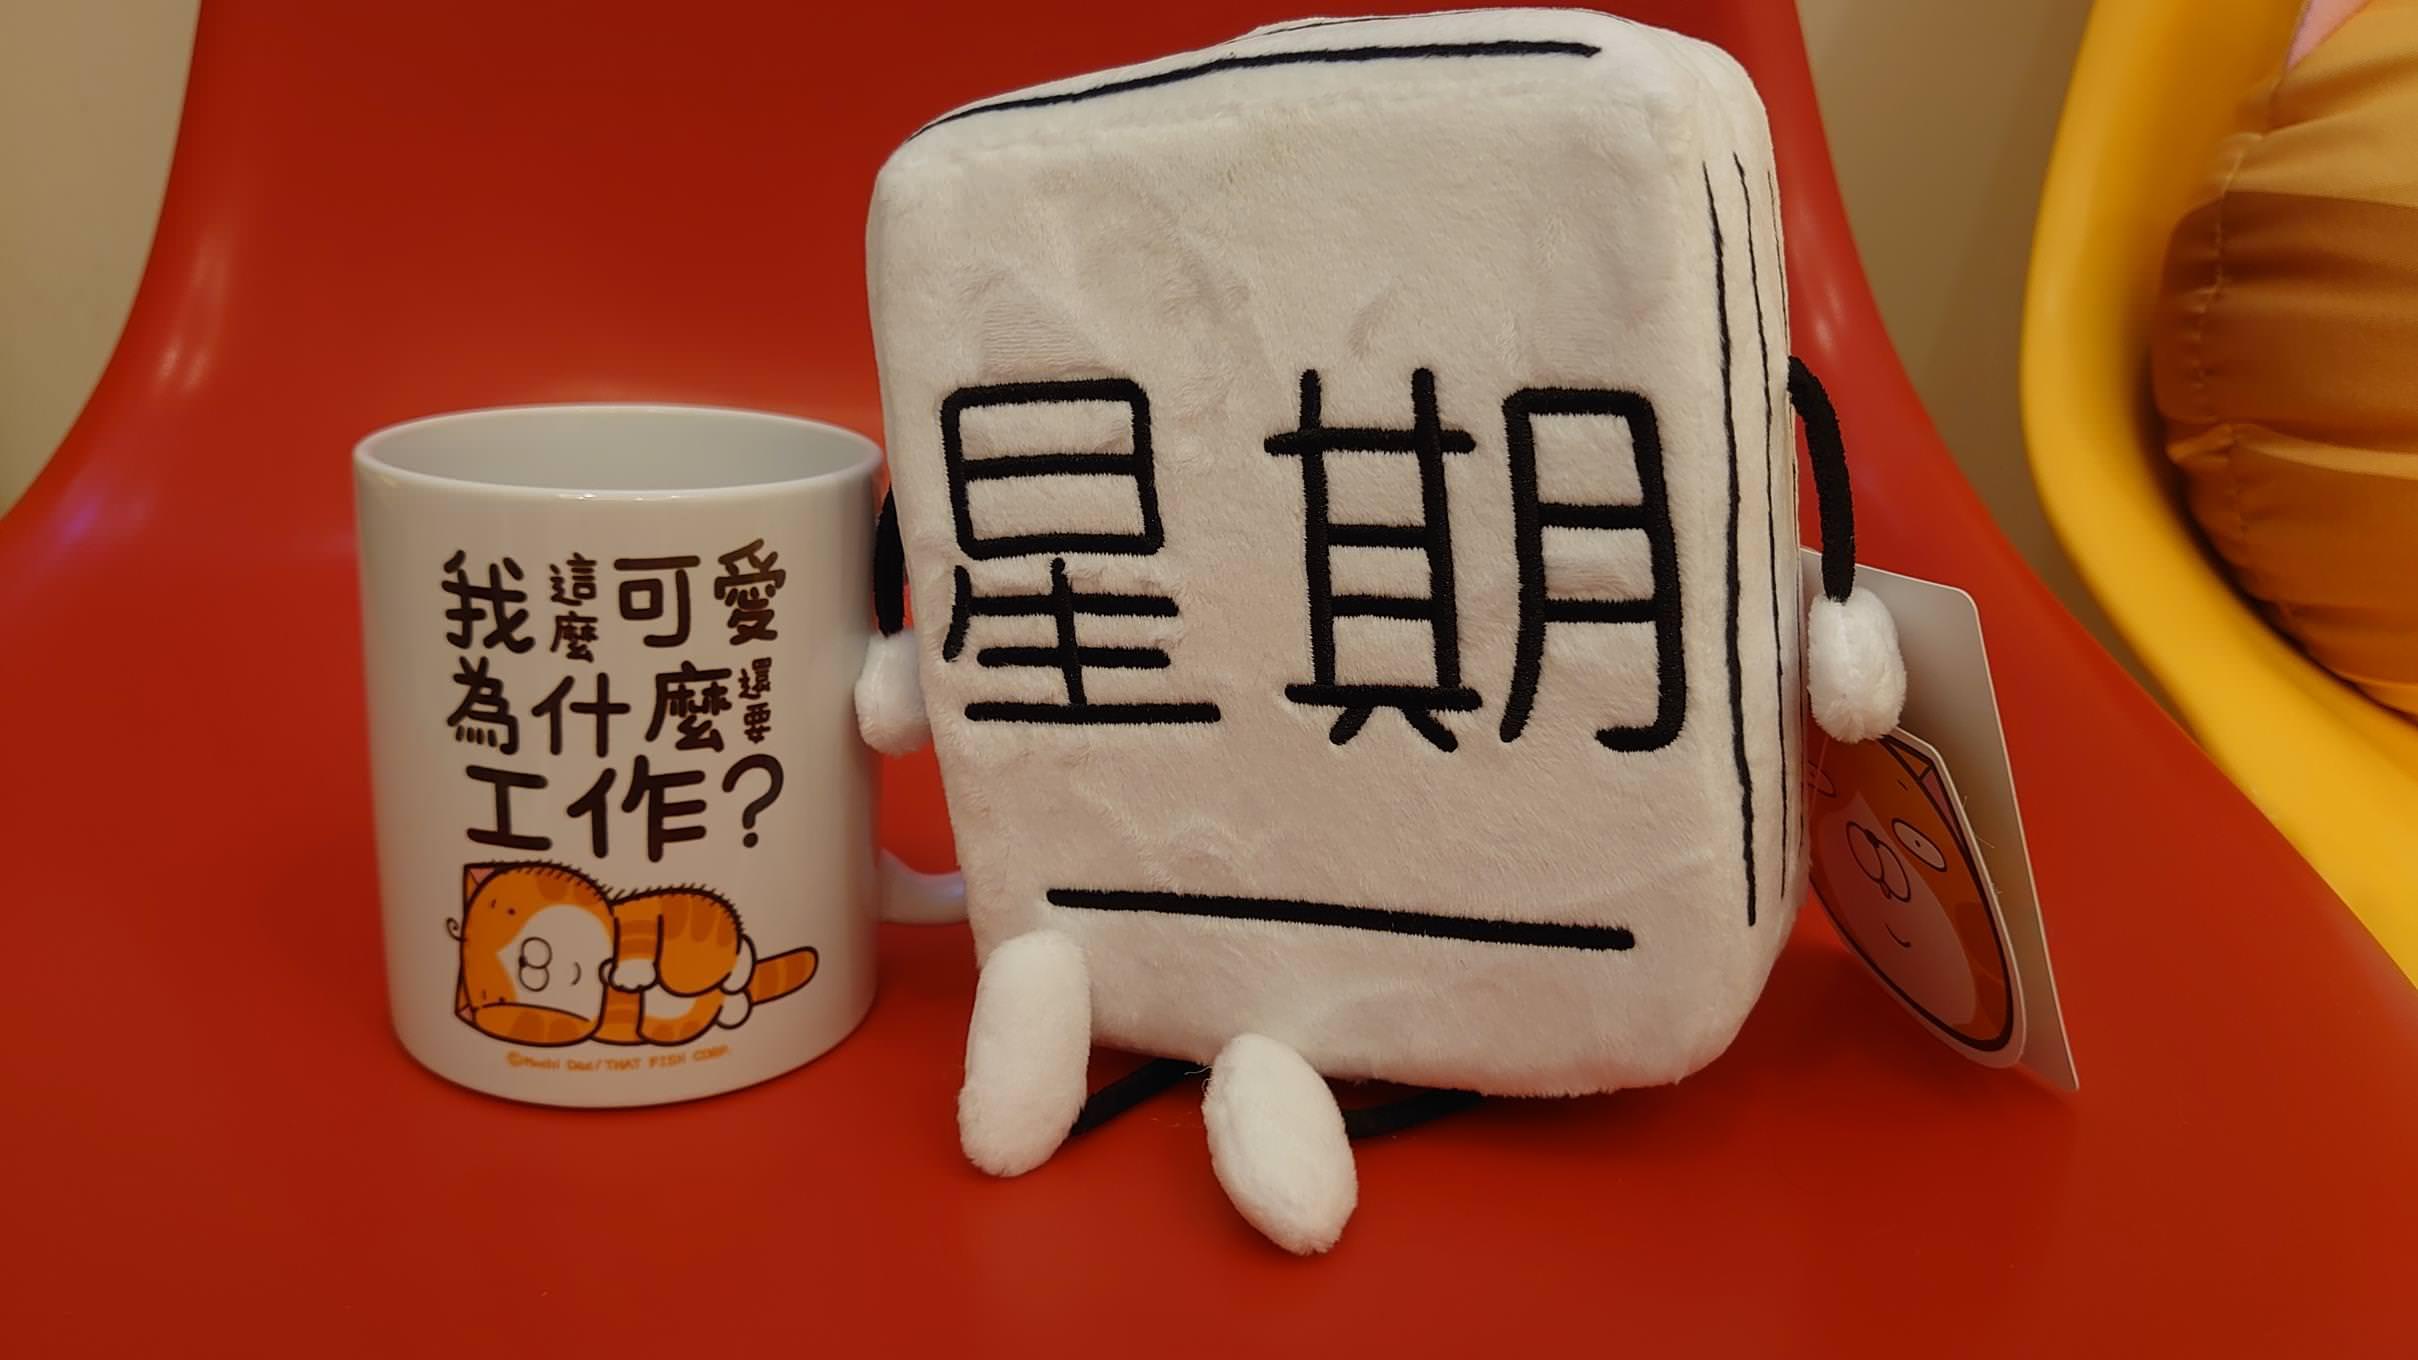 【蠟筆小新x白爛貓987動感樂園期間限定店】首次聯名期間限定店即將開幕 - threeonelee.com